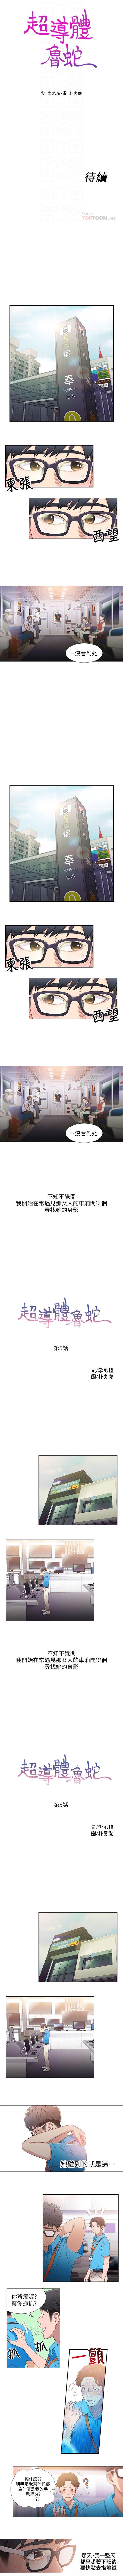 超导体鲁蛇(超级吸引力) 1-11 中文翻译(更新中) 18